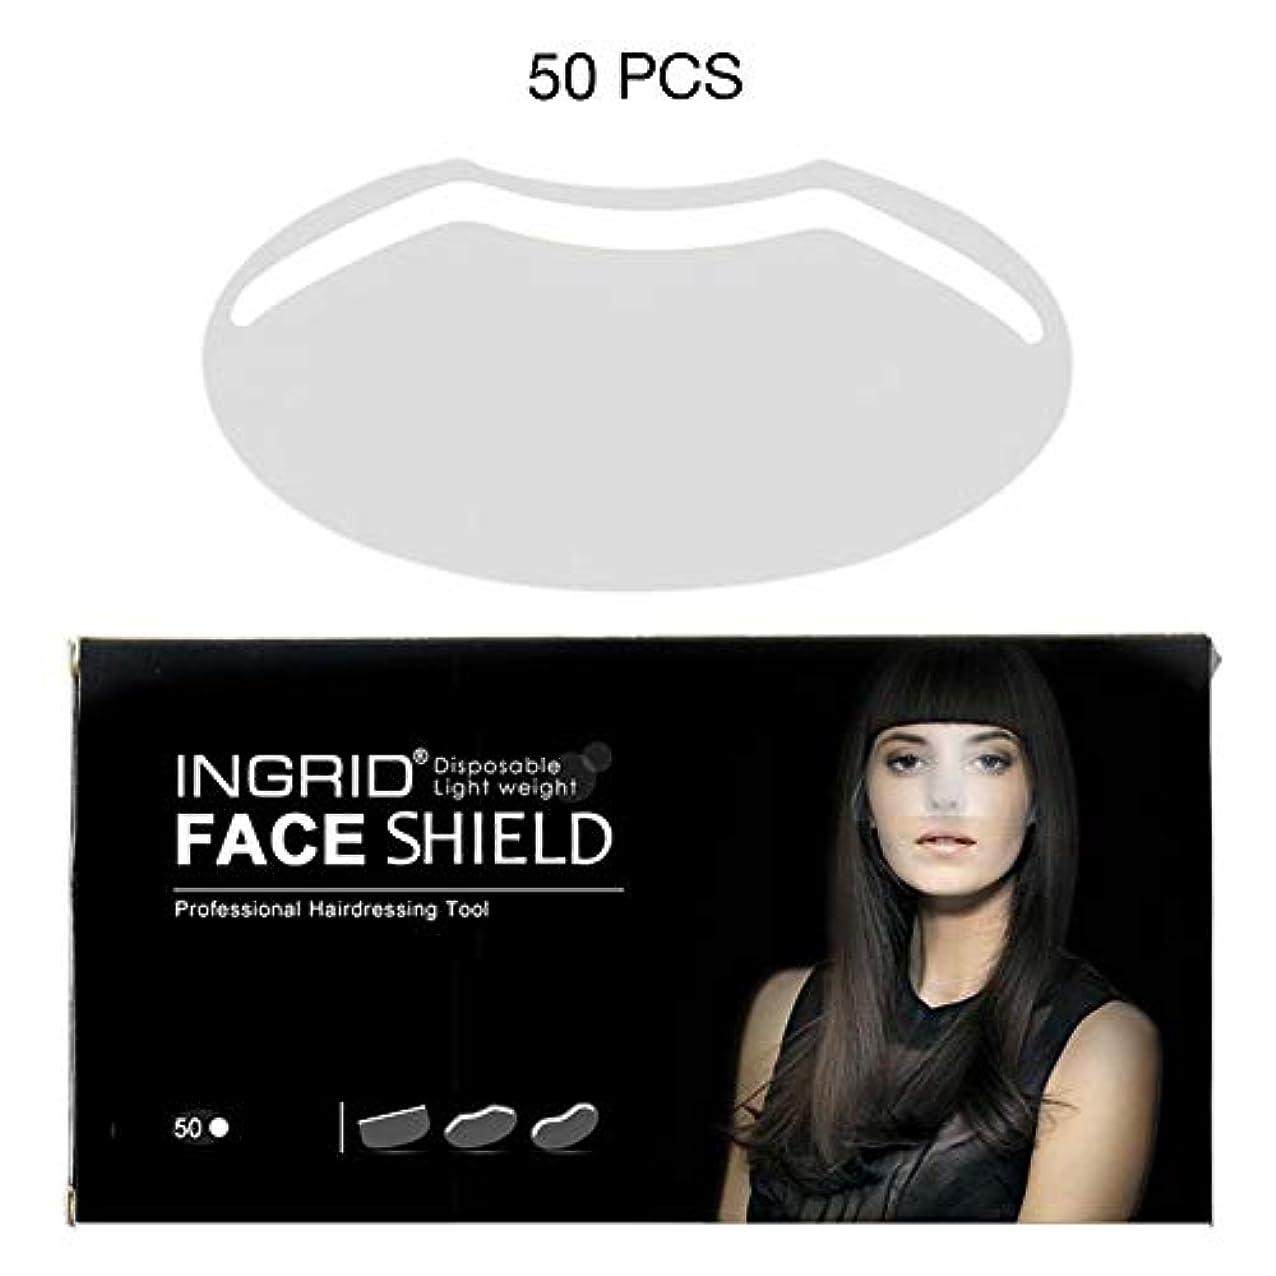 殺人にんじん間違っているヘアカットバッフル、50 PCS透明プラスチック使い捨てフェイス額ヘアカットシールドマスク、ヘアカット用フェイスアイを保護